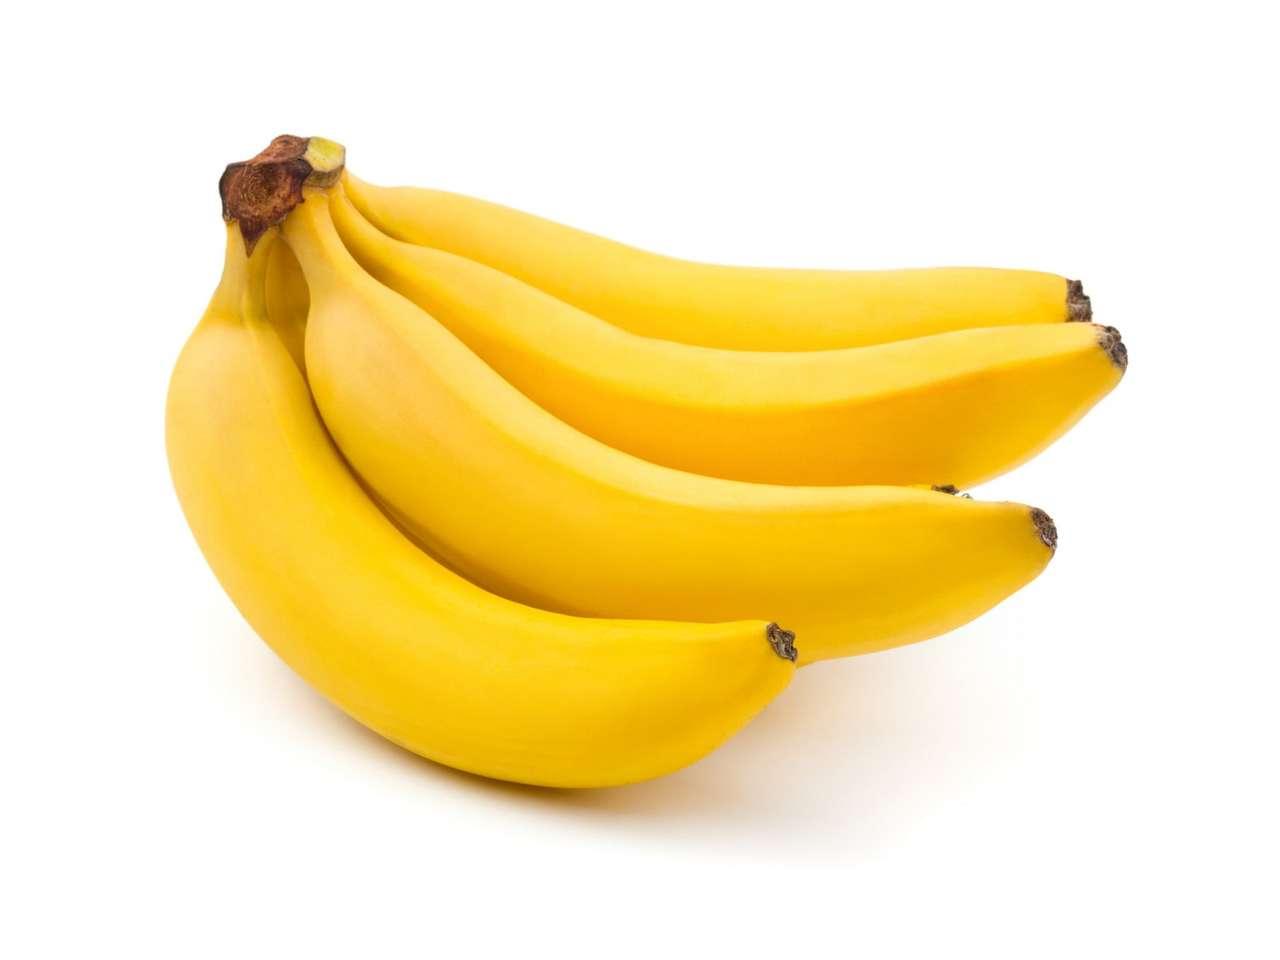 um cacho banana